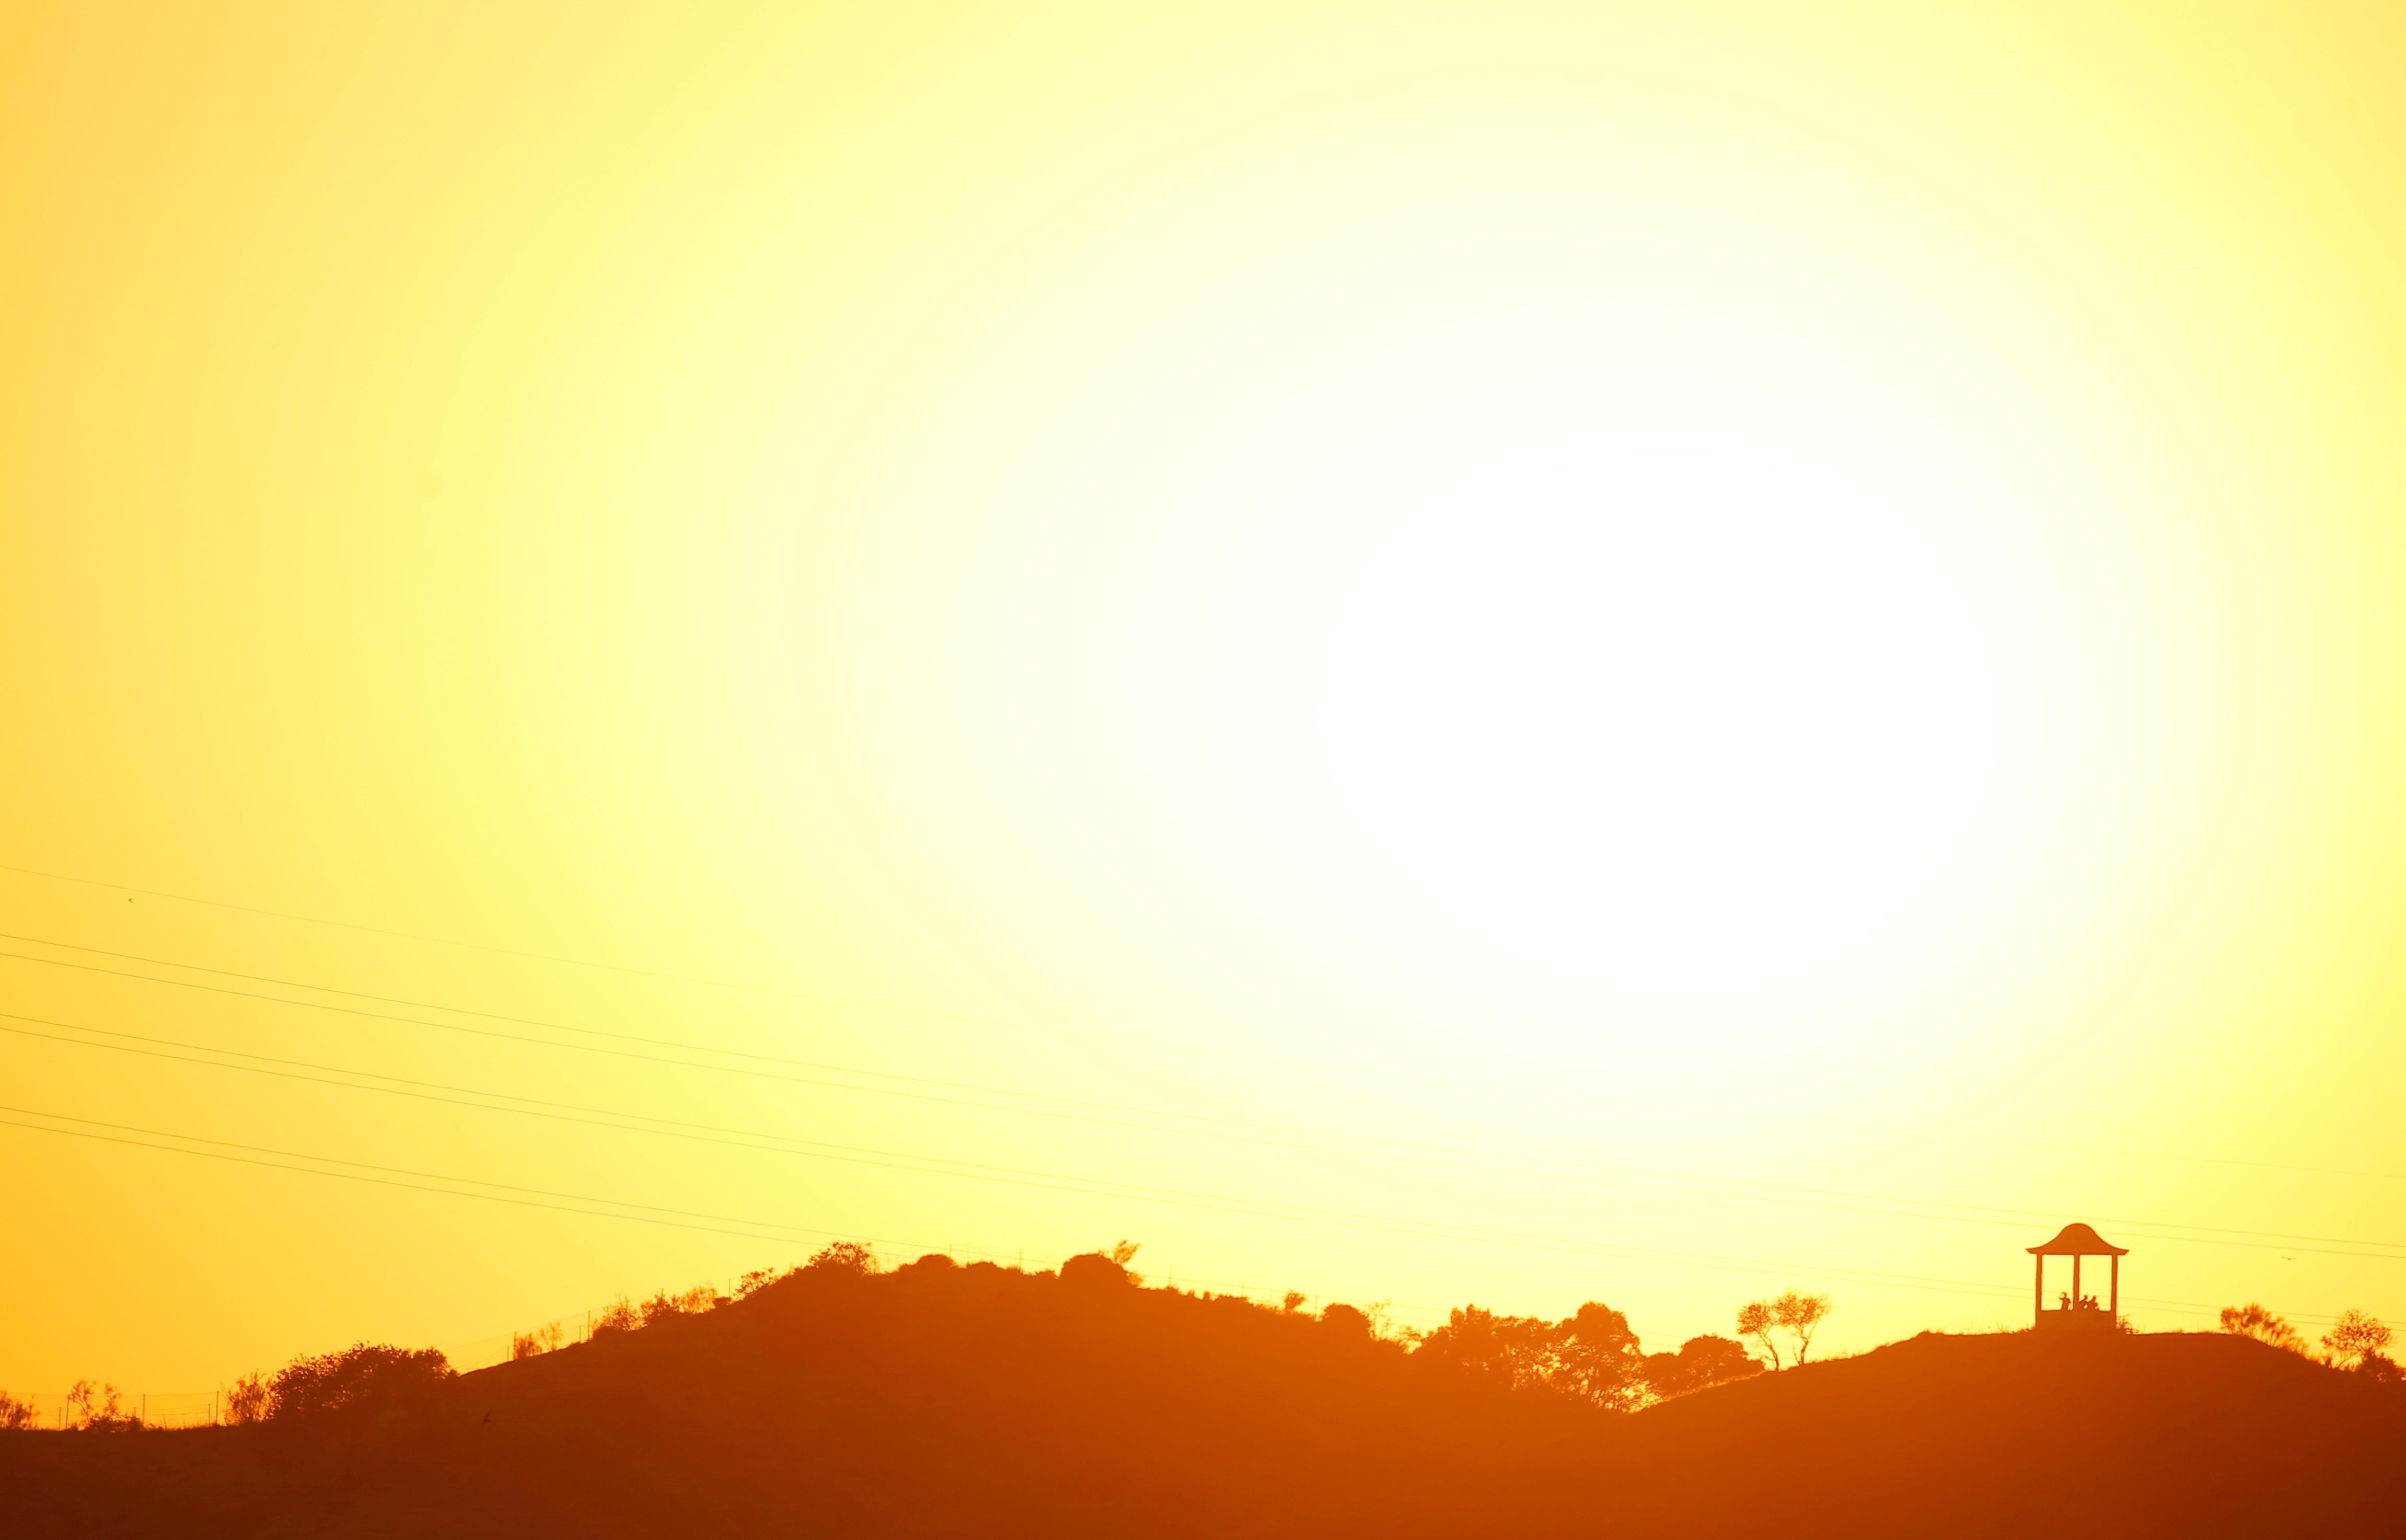 Χρήστος Ζερεφός: Ακραίοι καύσωνες κάθε 5 χρόνια και όχι κάθε 20